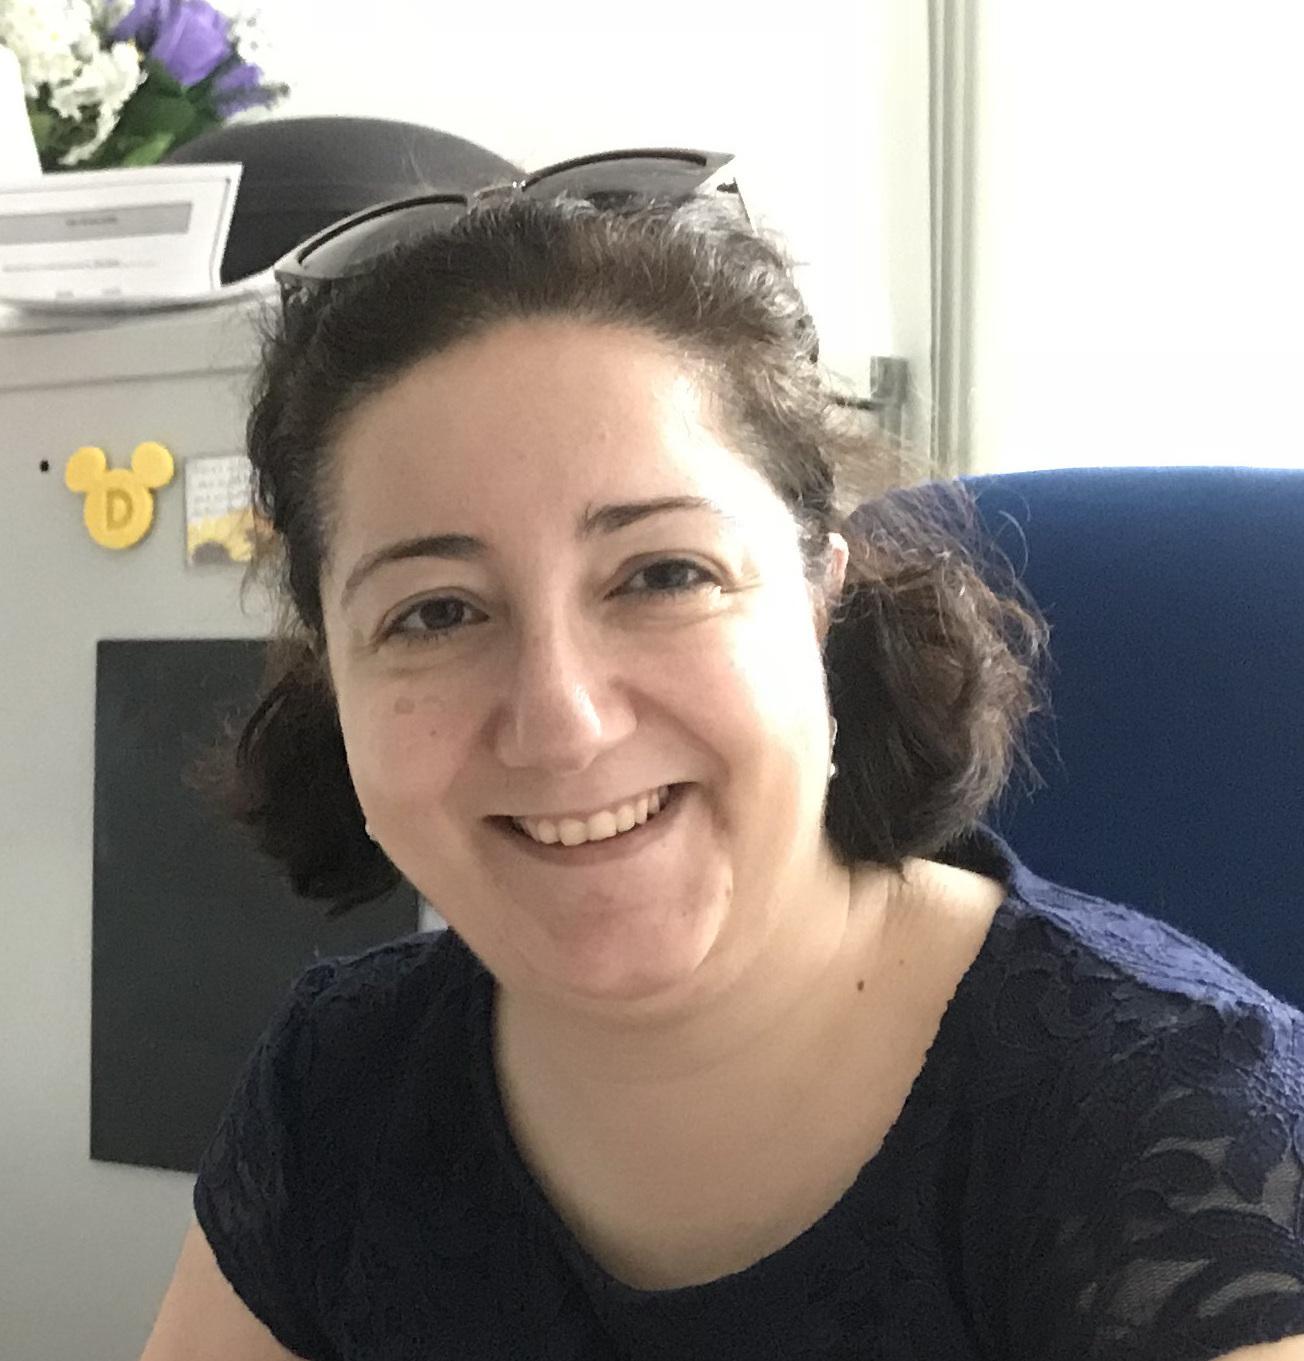 Professor Dima Damen